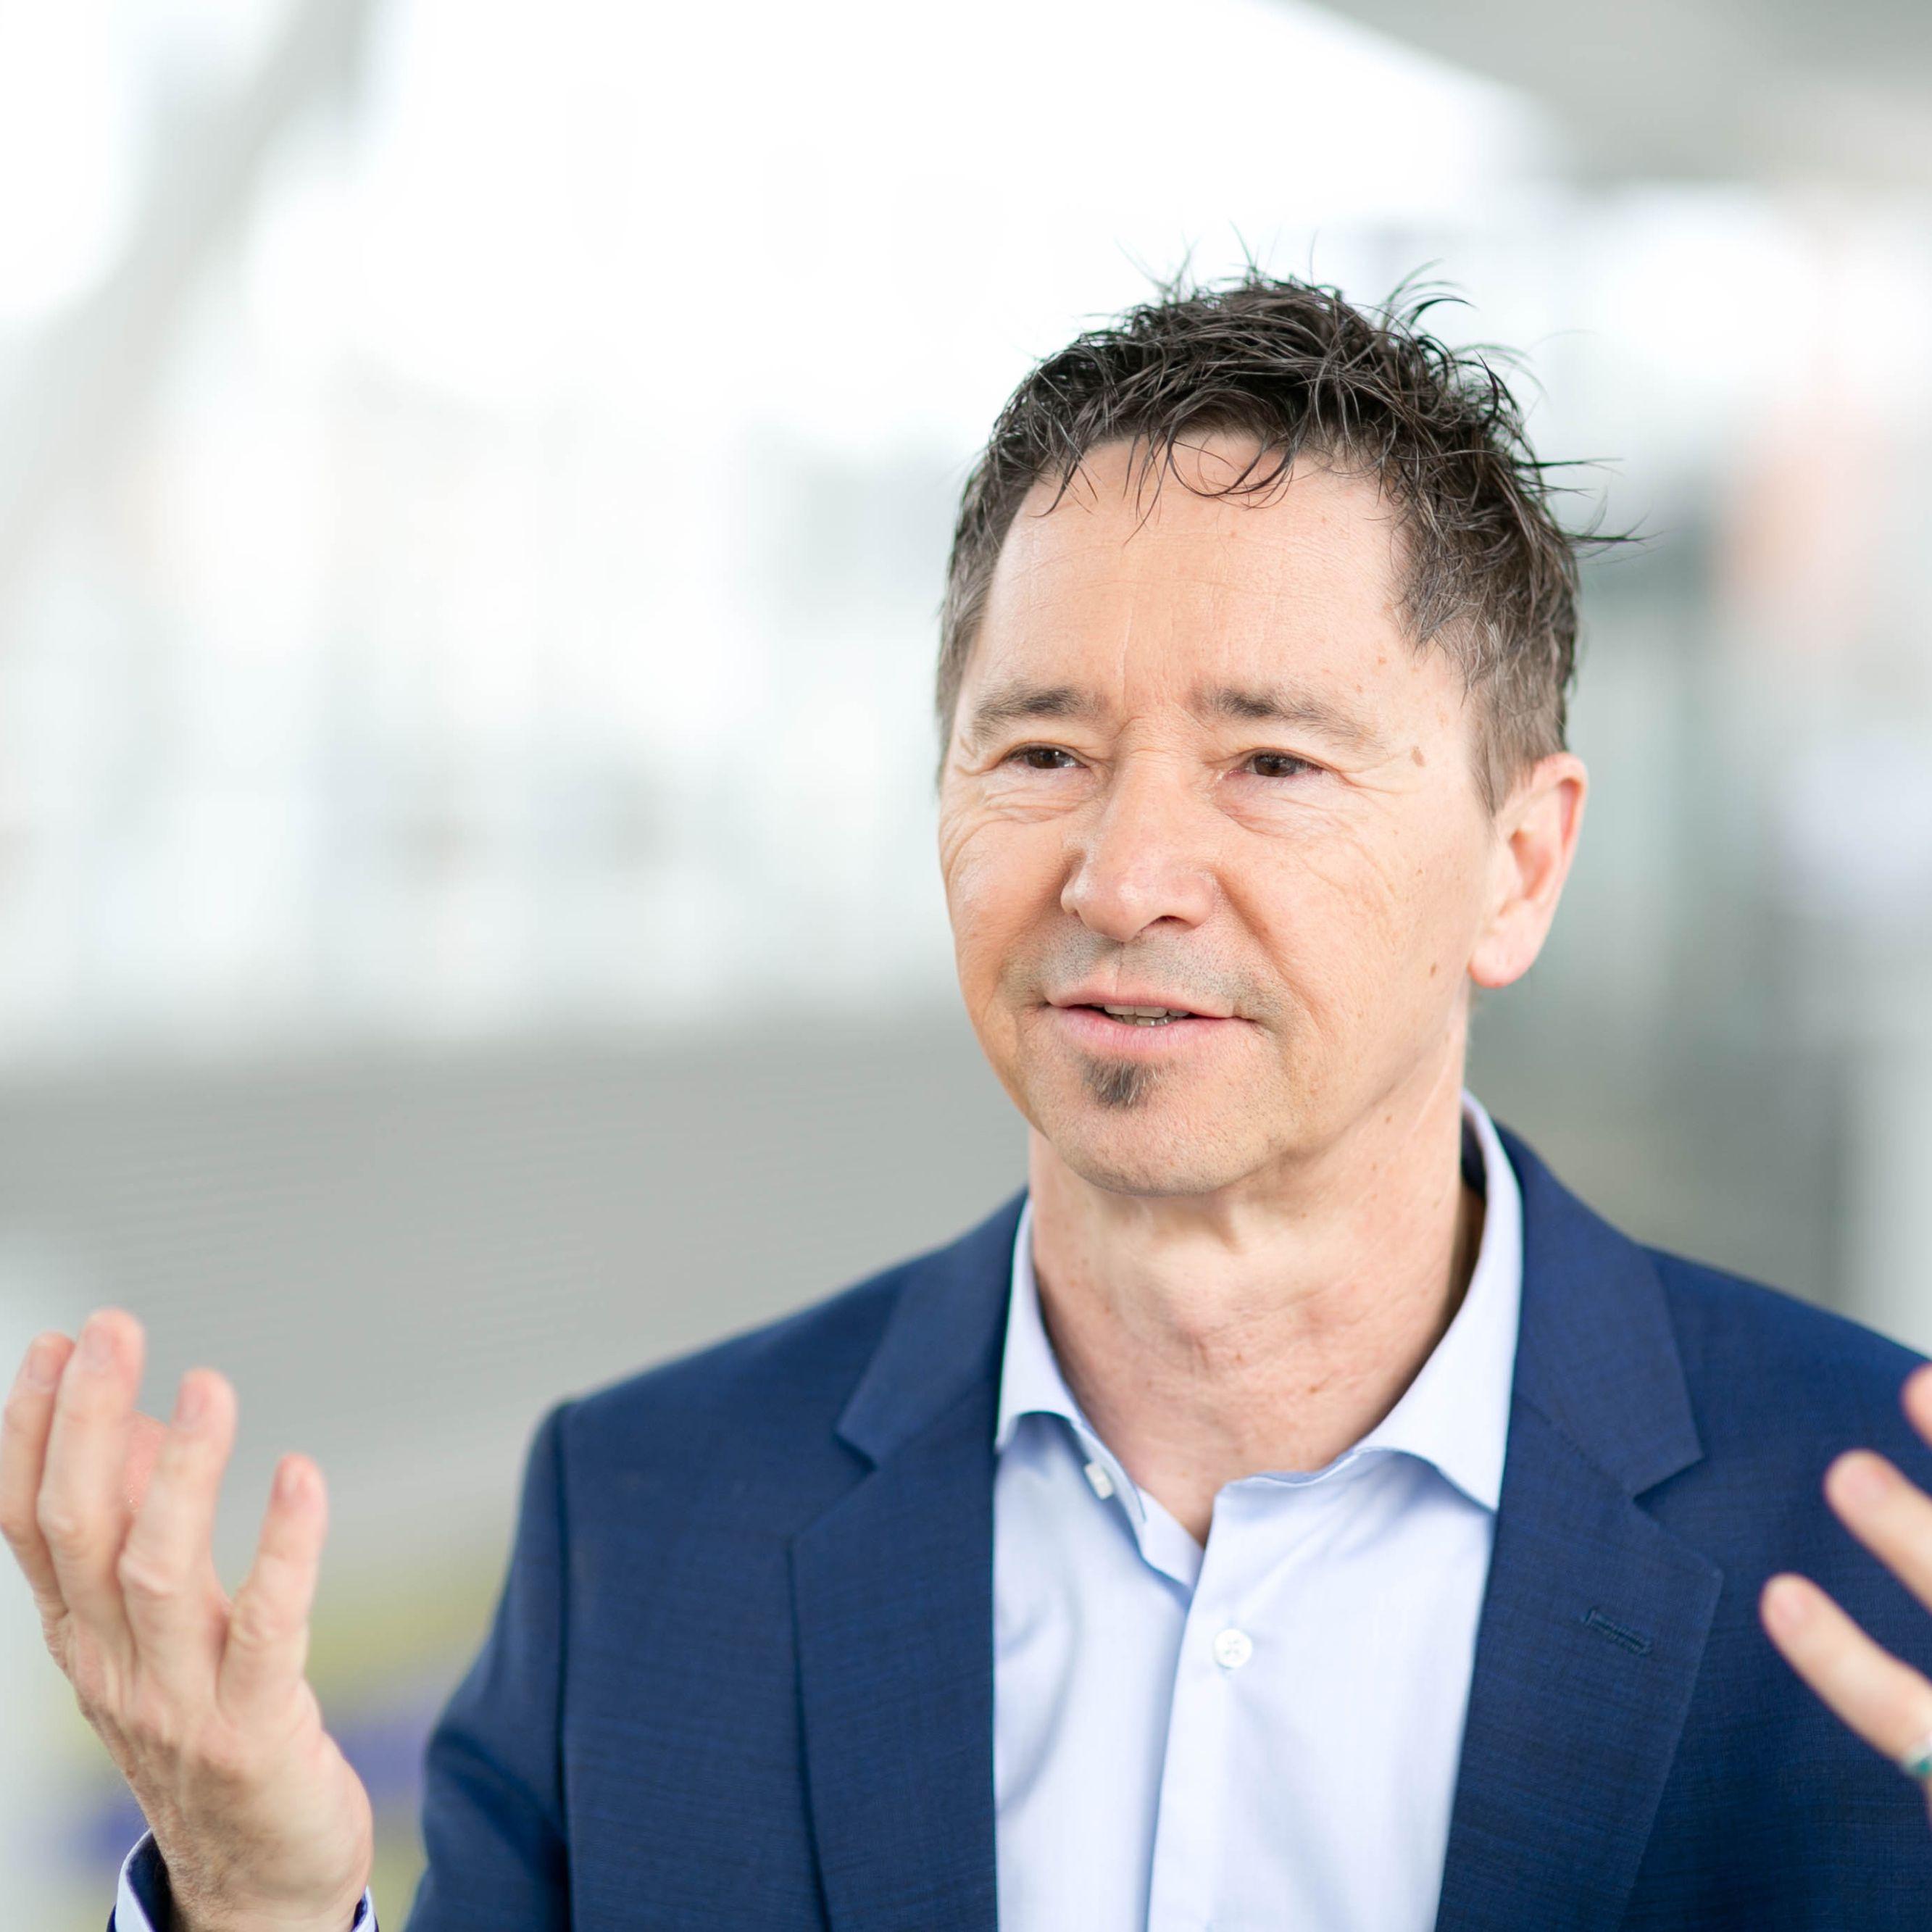 Gary Stütz - Warum Kommunikation so wichtig ist für ein eRede